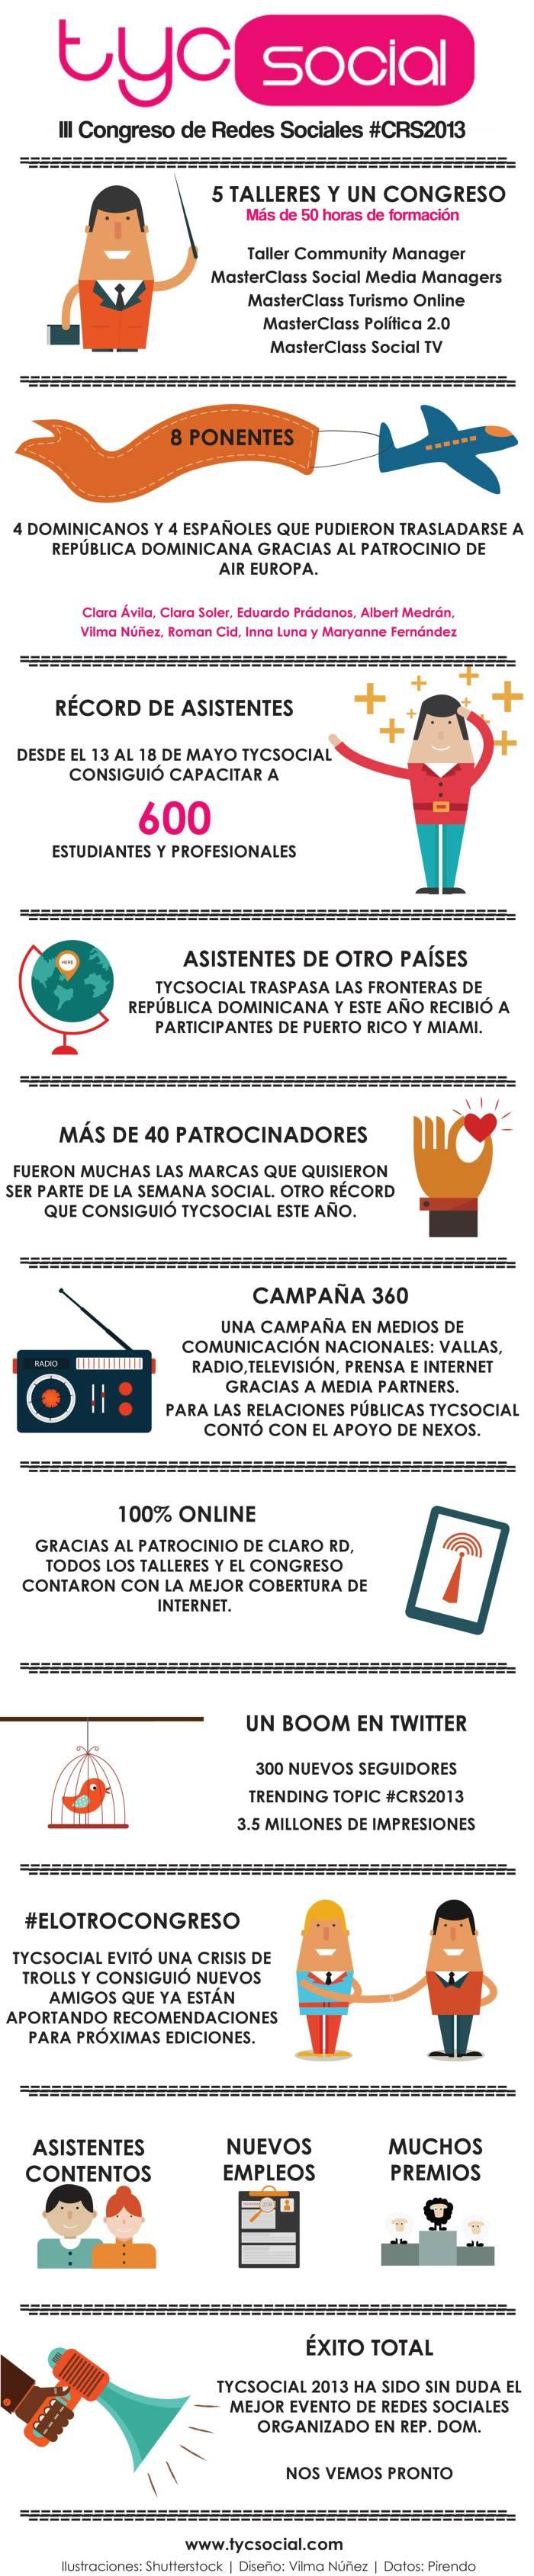 Datos III Congreso de redes Sociales